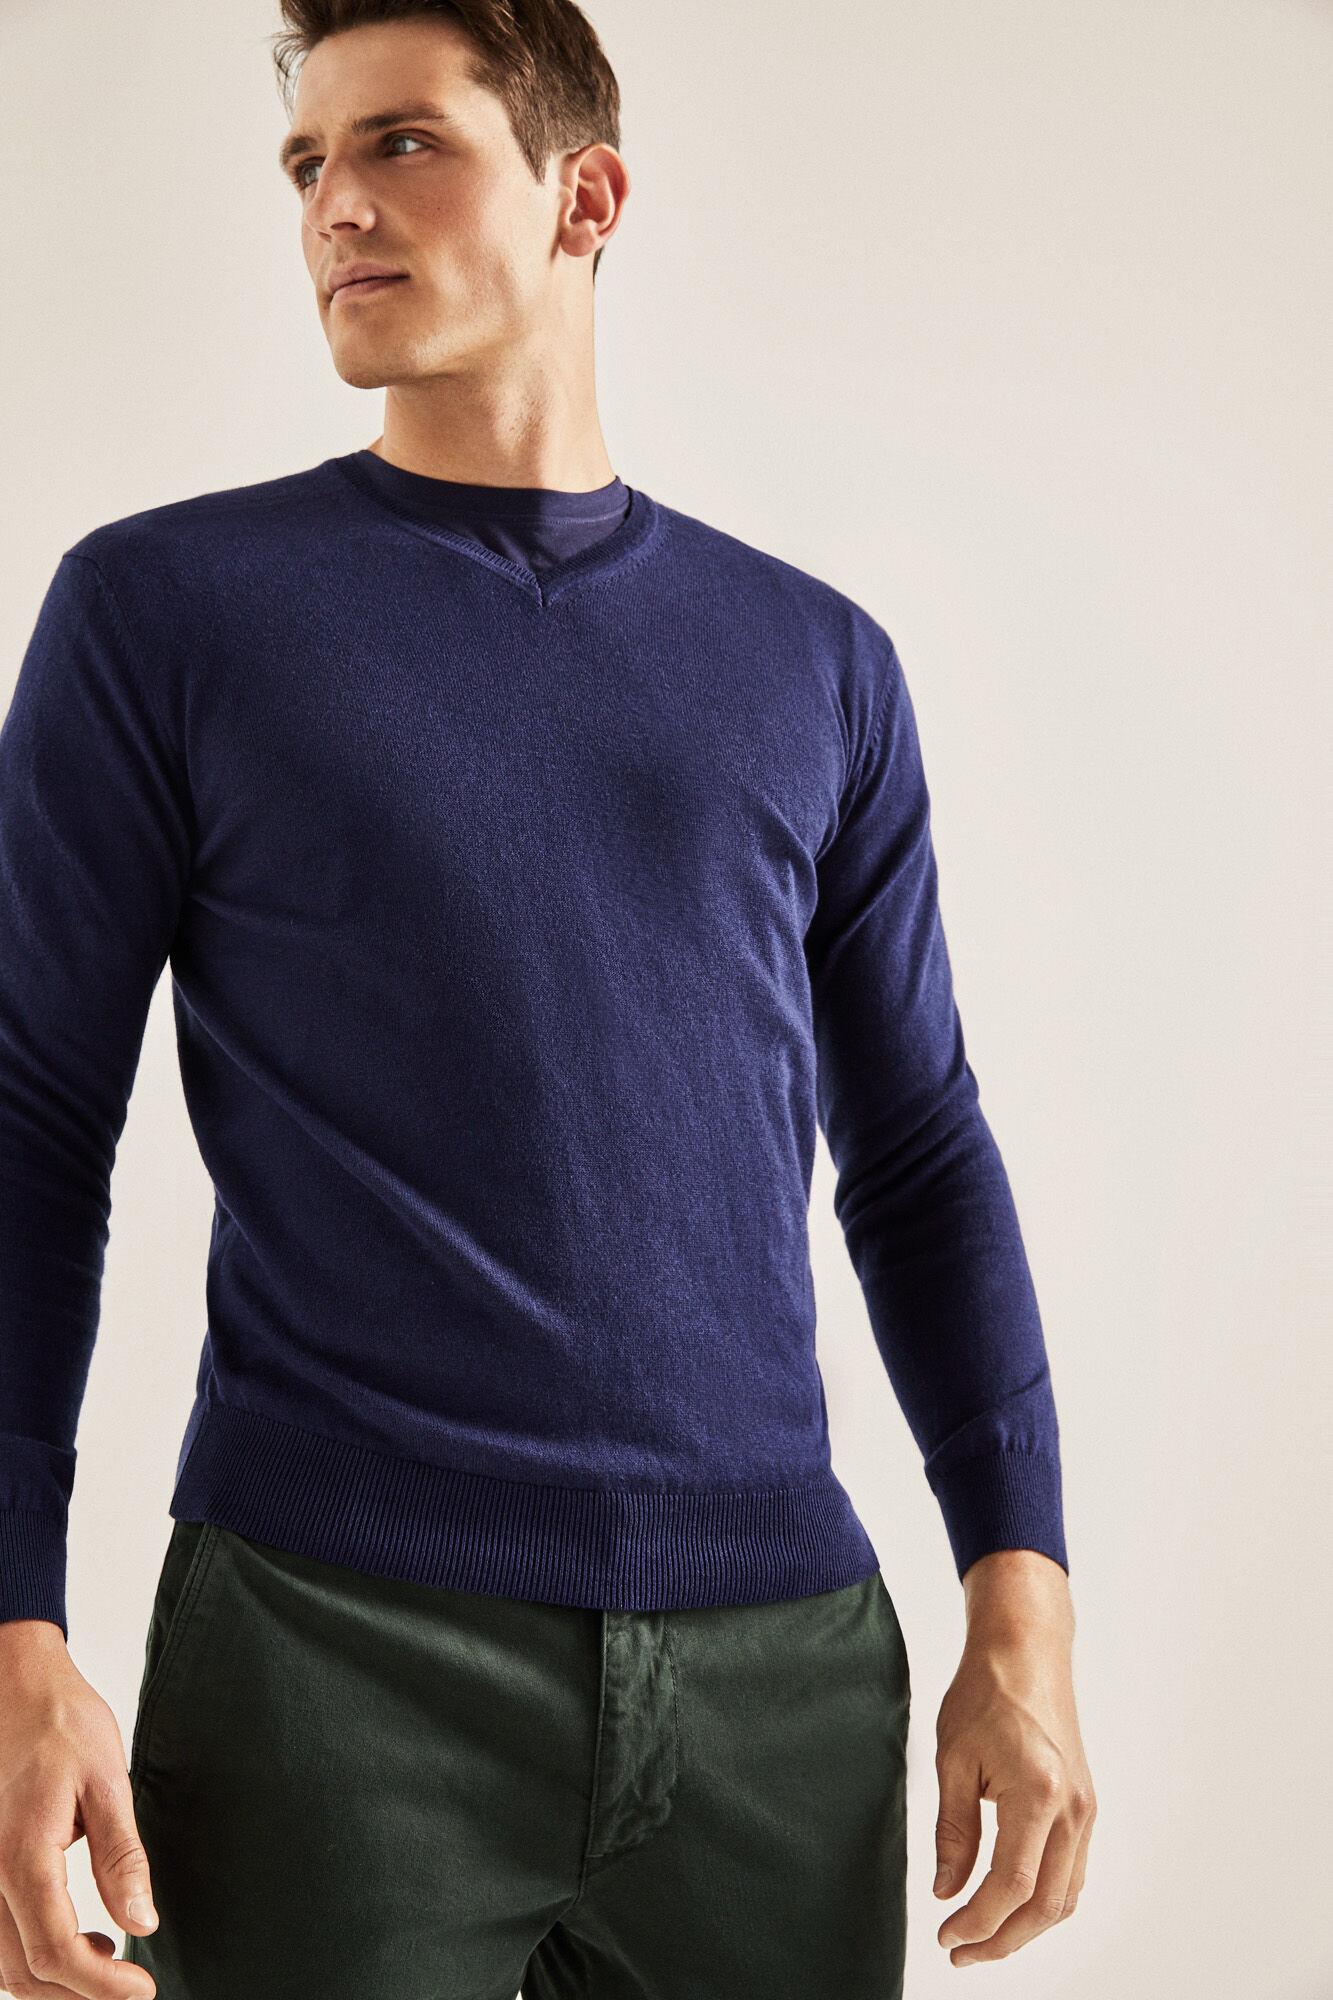 6992a5b2e5 V-neck jumper